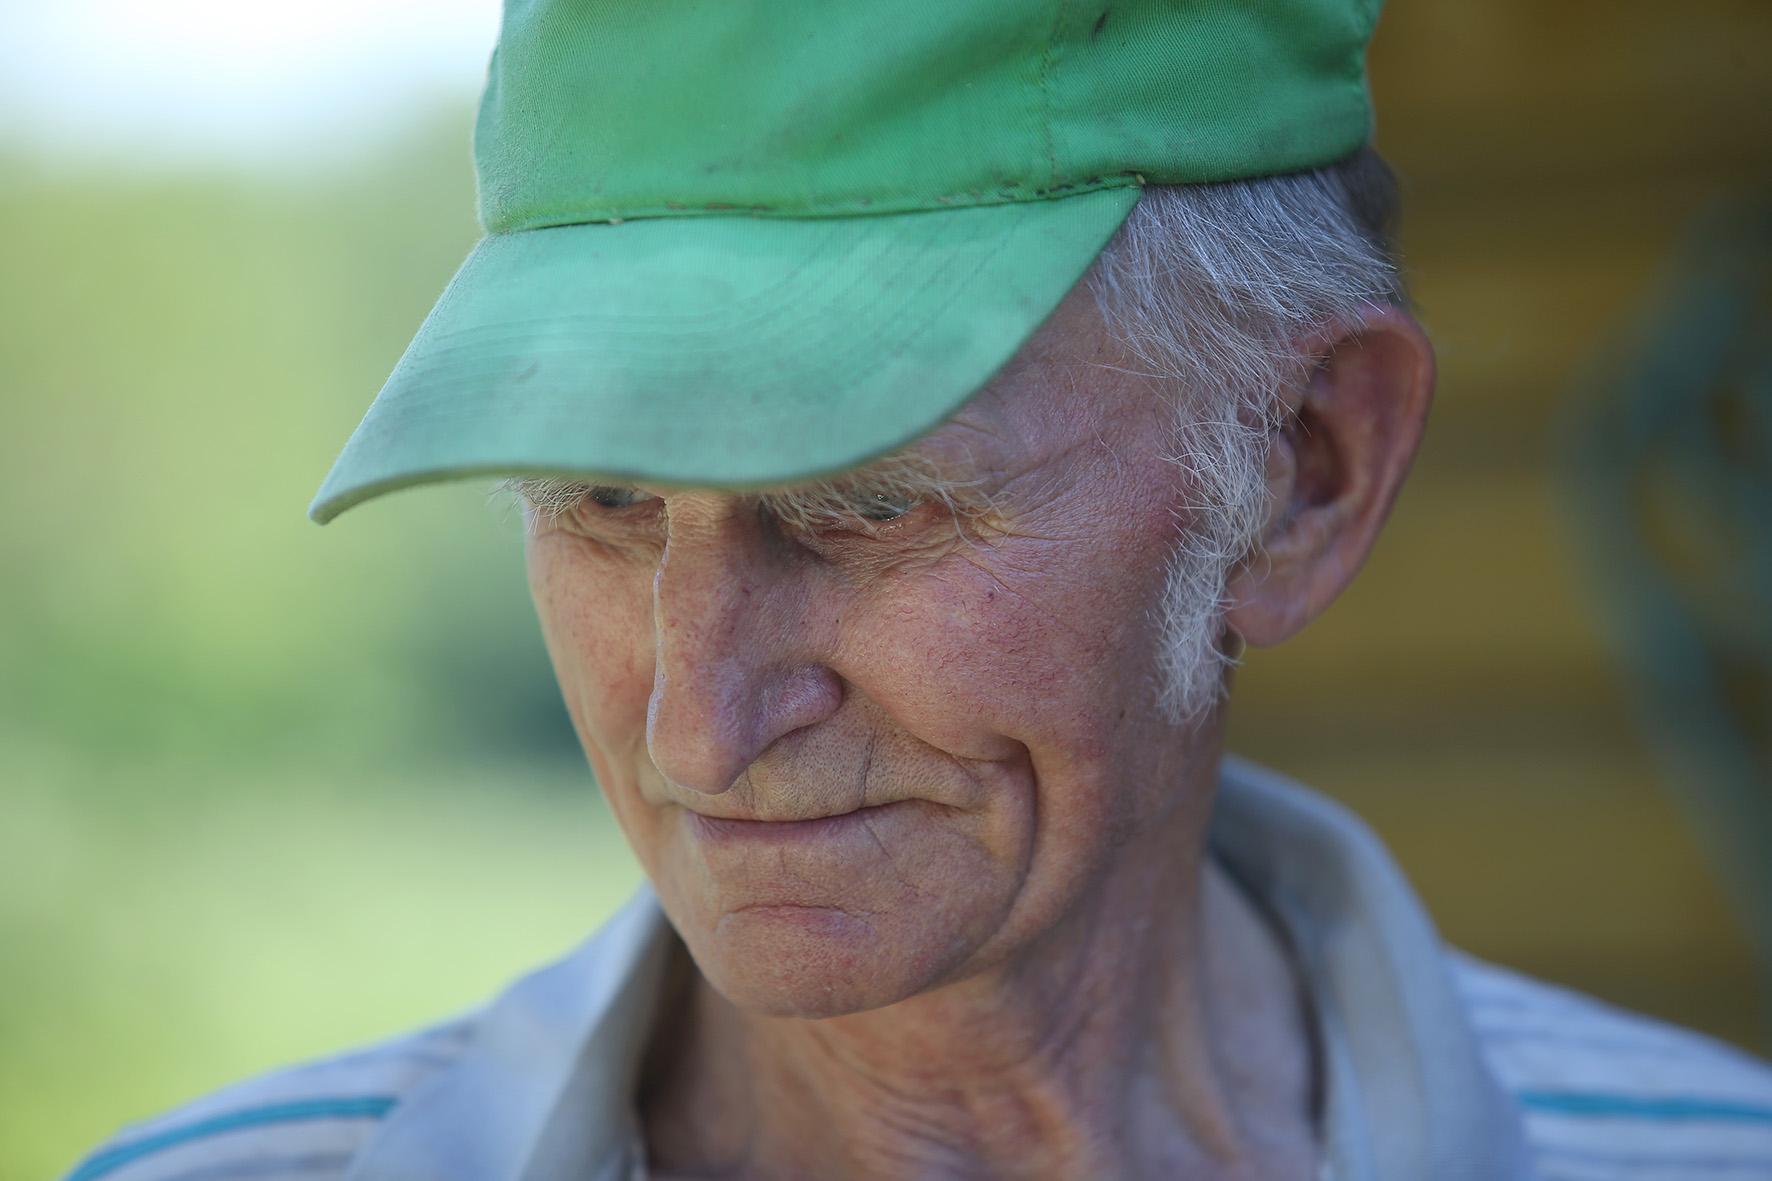 Aštuntą dešimtmetį perkopęs Kazimieras darbuojasi kieme. Ryte reikia šunis pašerti, viščiukus ir višteles palesinti. Nedidelį ūkelį apeiti. A. Barzdžiaus nuotr.